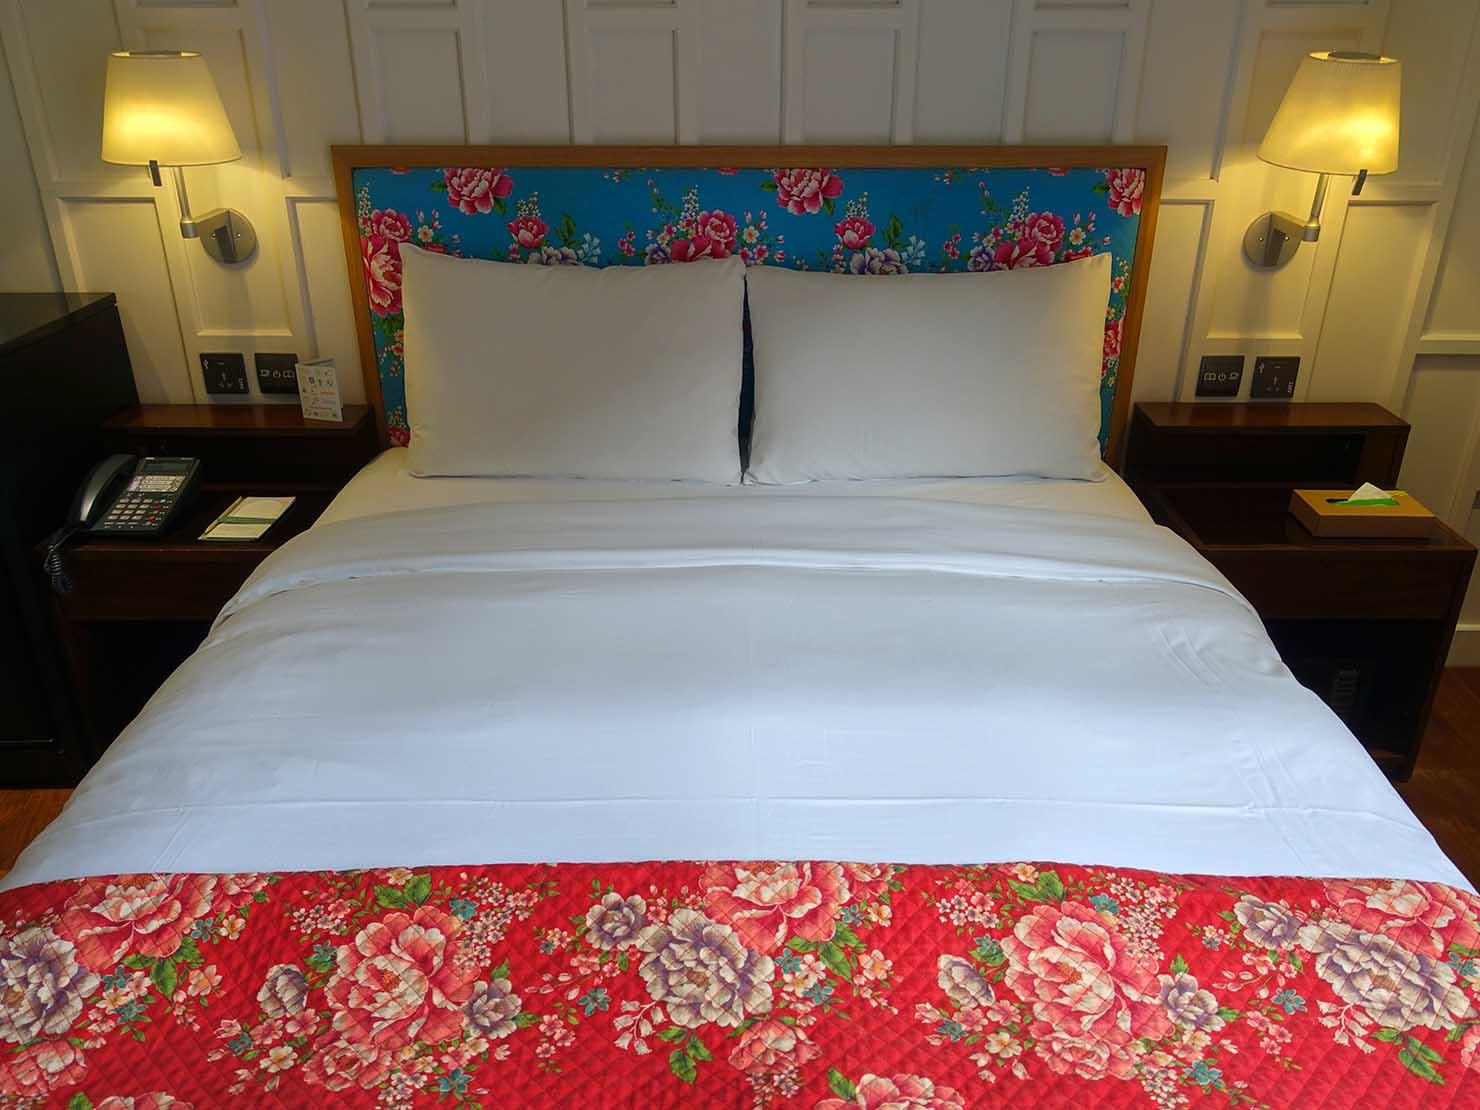 台中駅前のおすすめデザインホテル「紅點文旅 RedDot Hotel」旅人逆轉勝XS(ダブルルーム)のダブルベッド